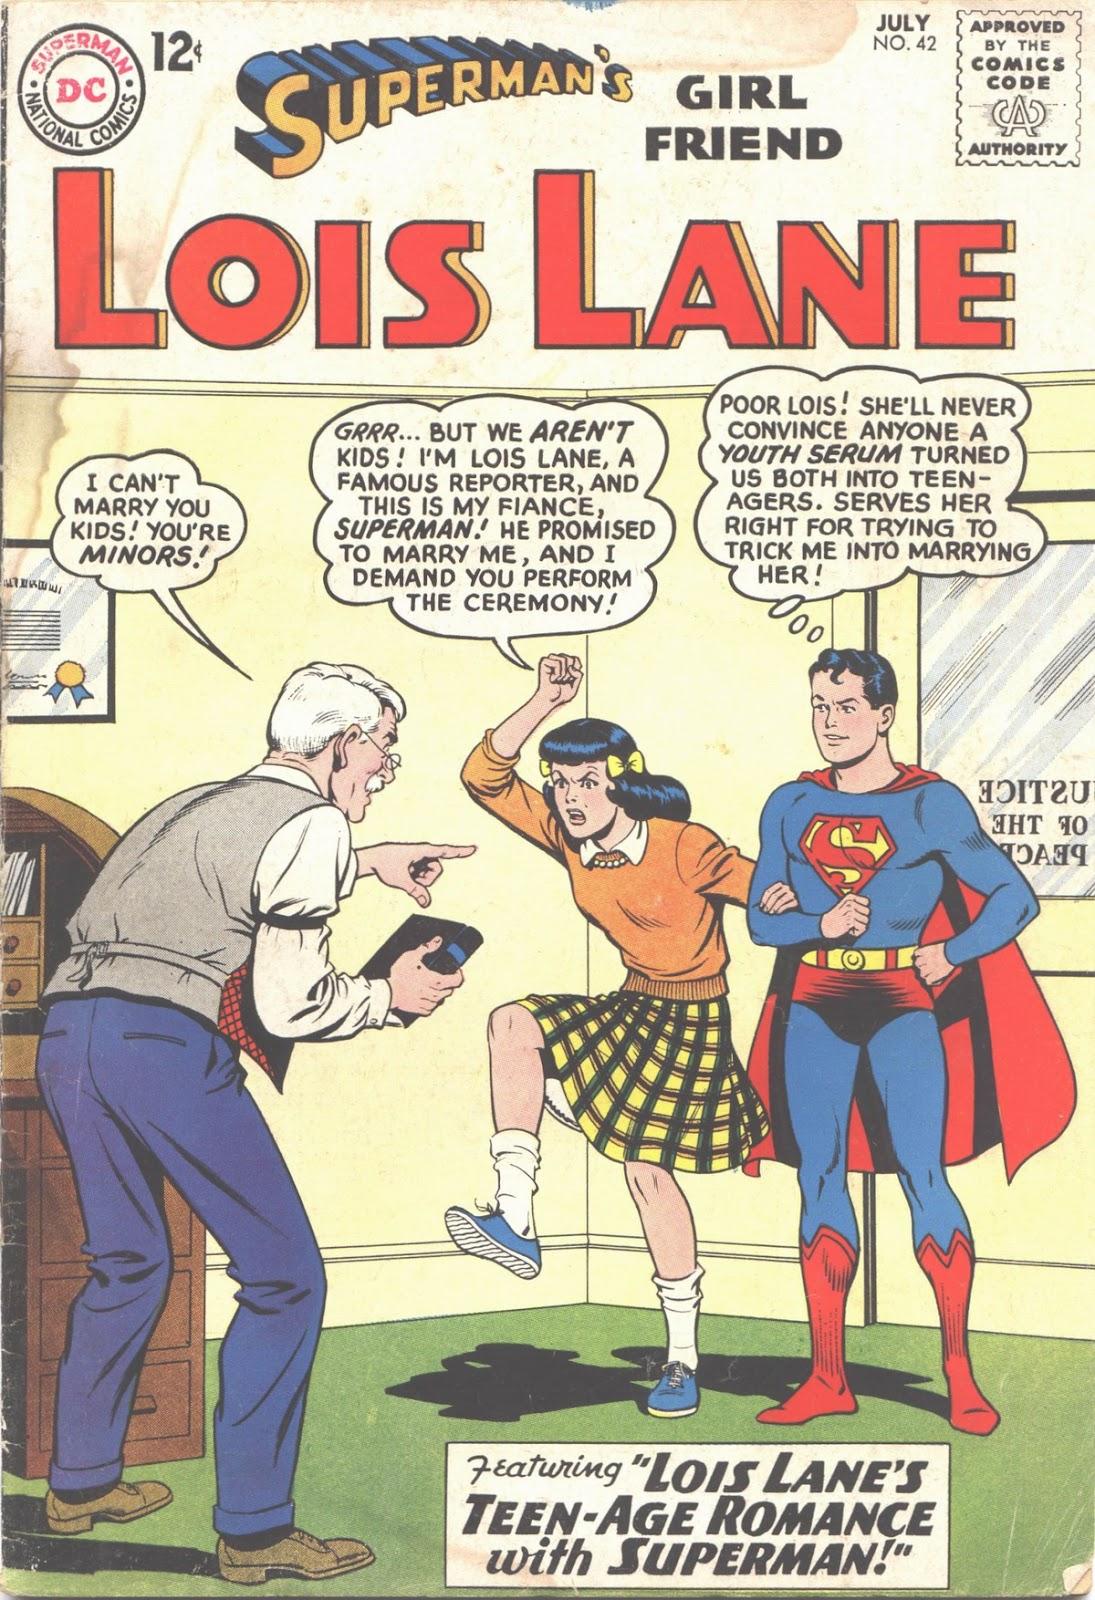 Supermans Girl Friend, Lois Lane 42 Page 1